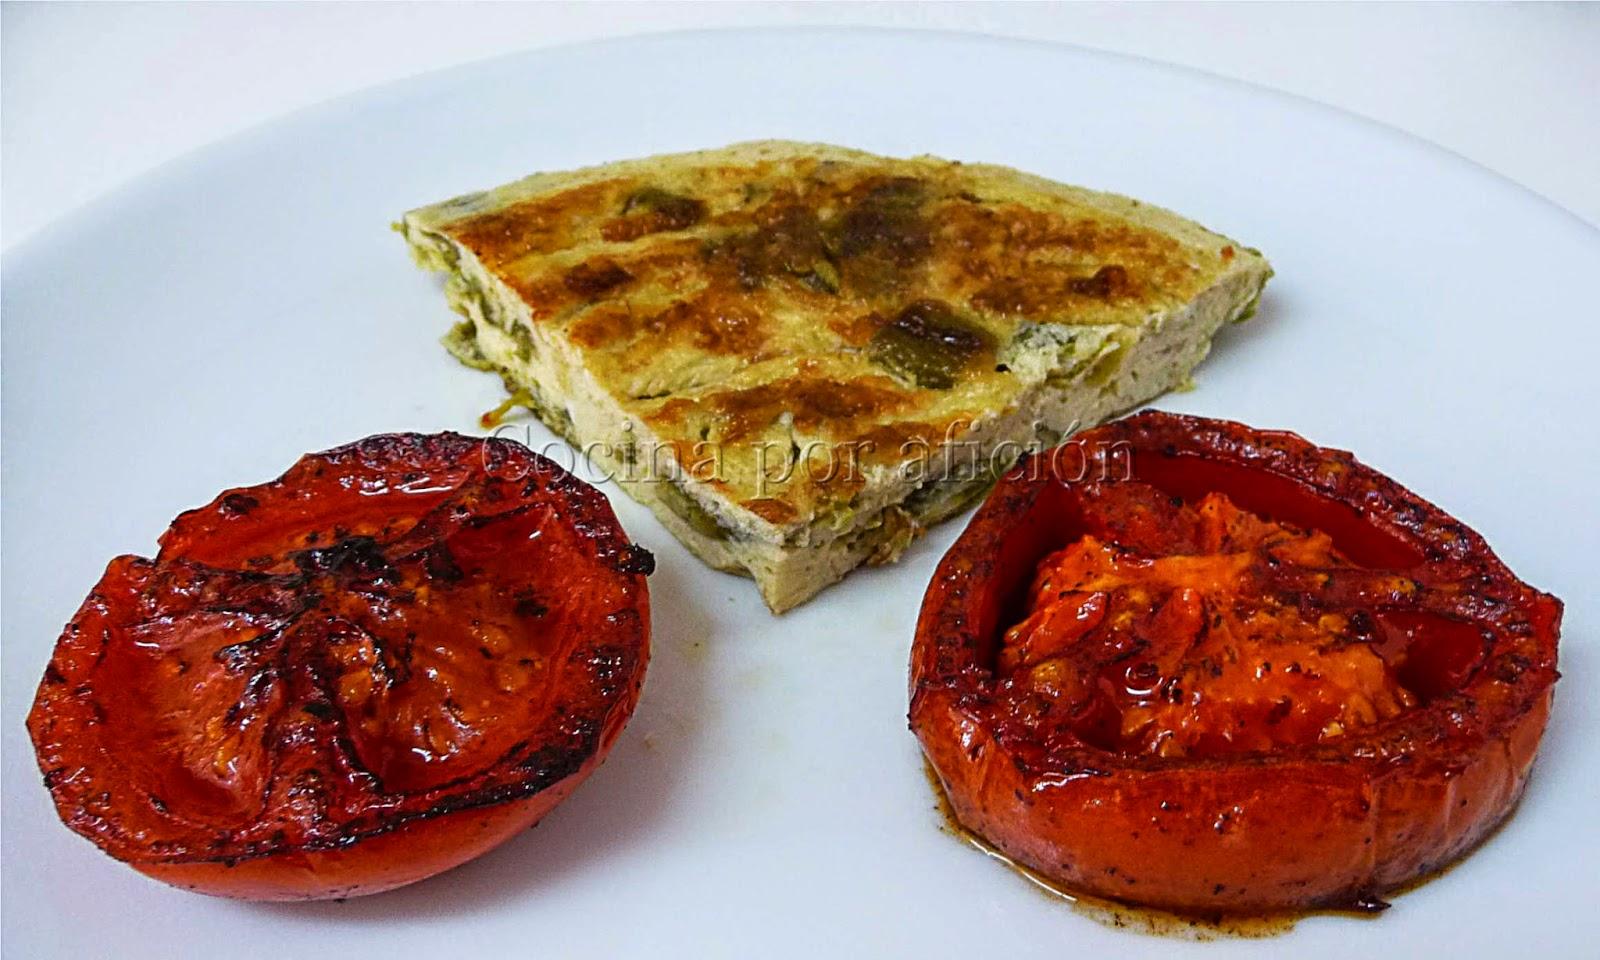 huevos, pimientos, tomate